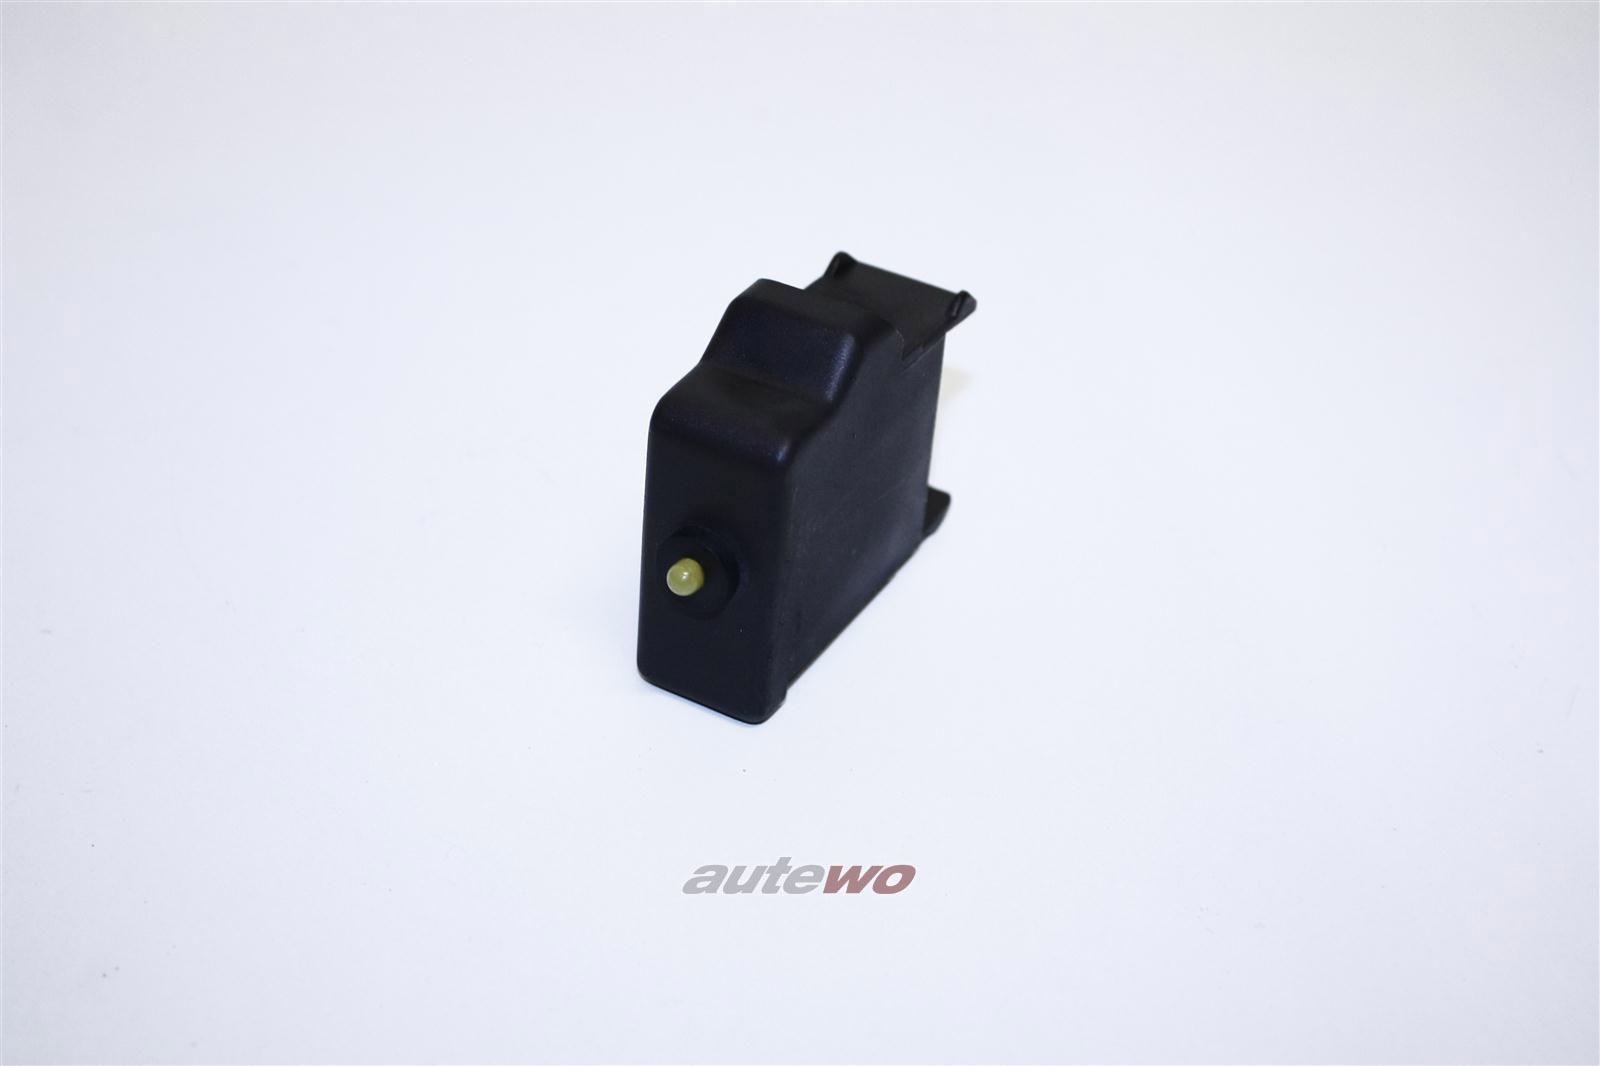 Audi 80/90 Typ 81/85/Urquattro Schalterblende AHK negro